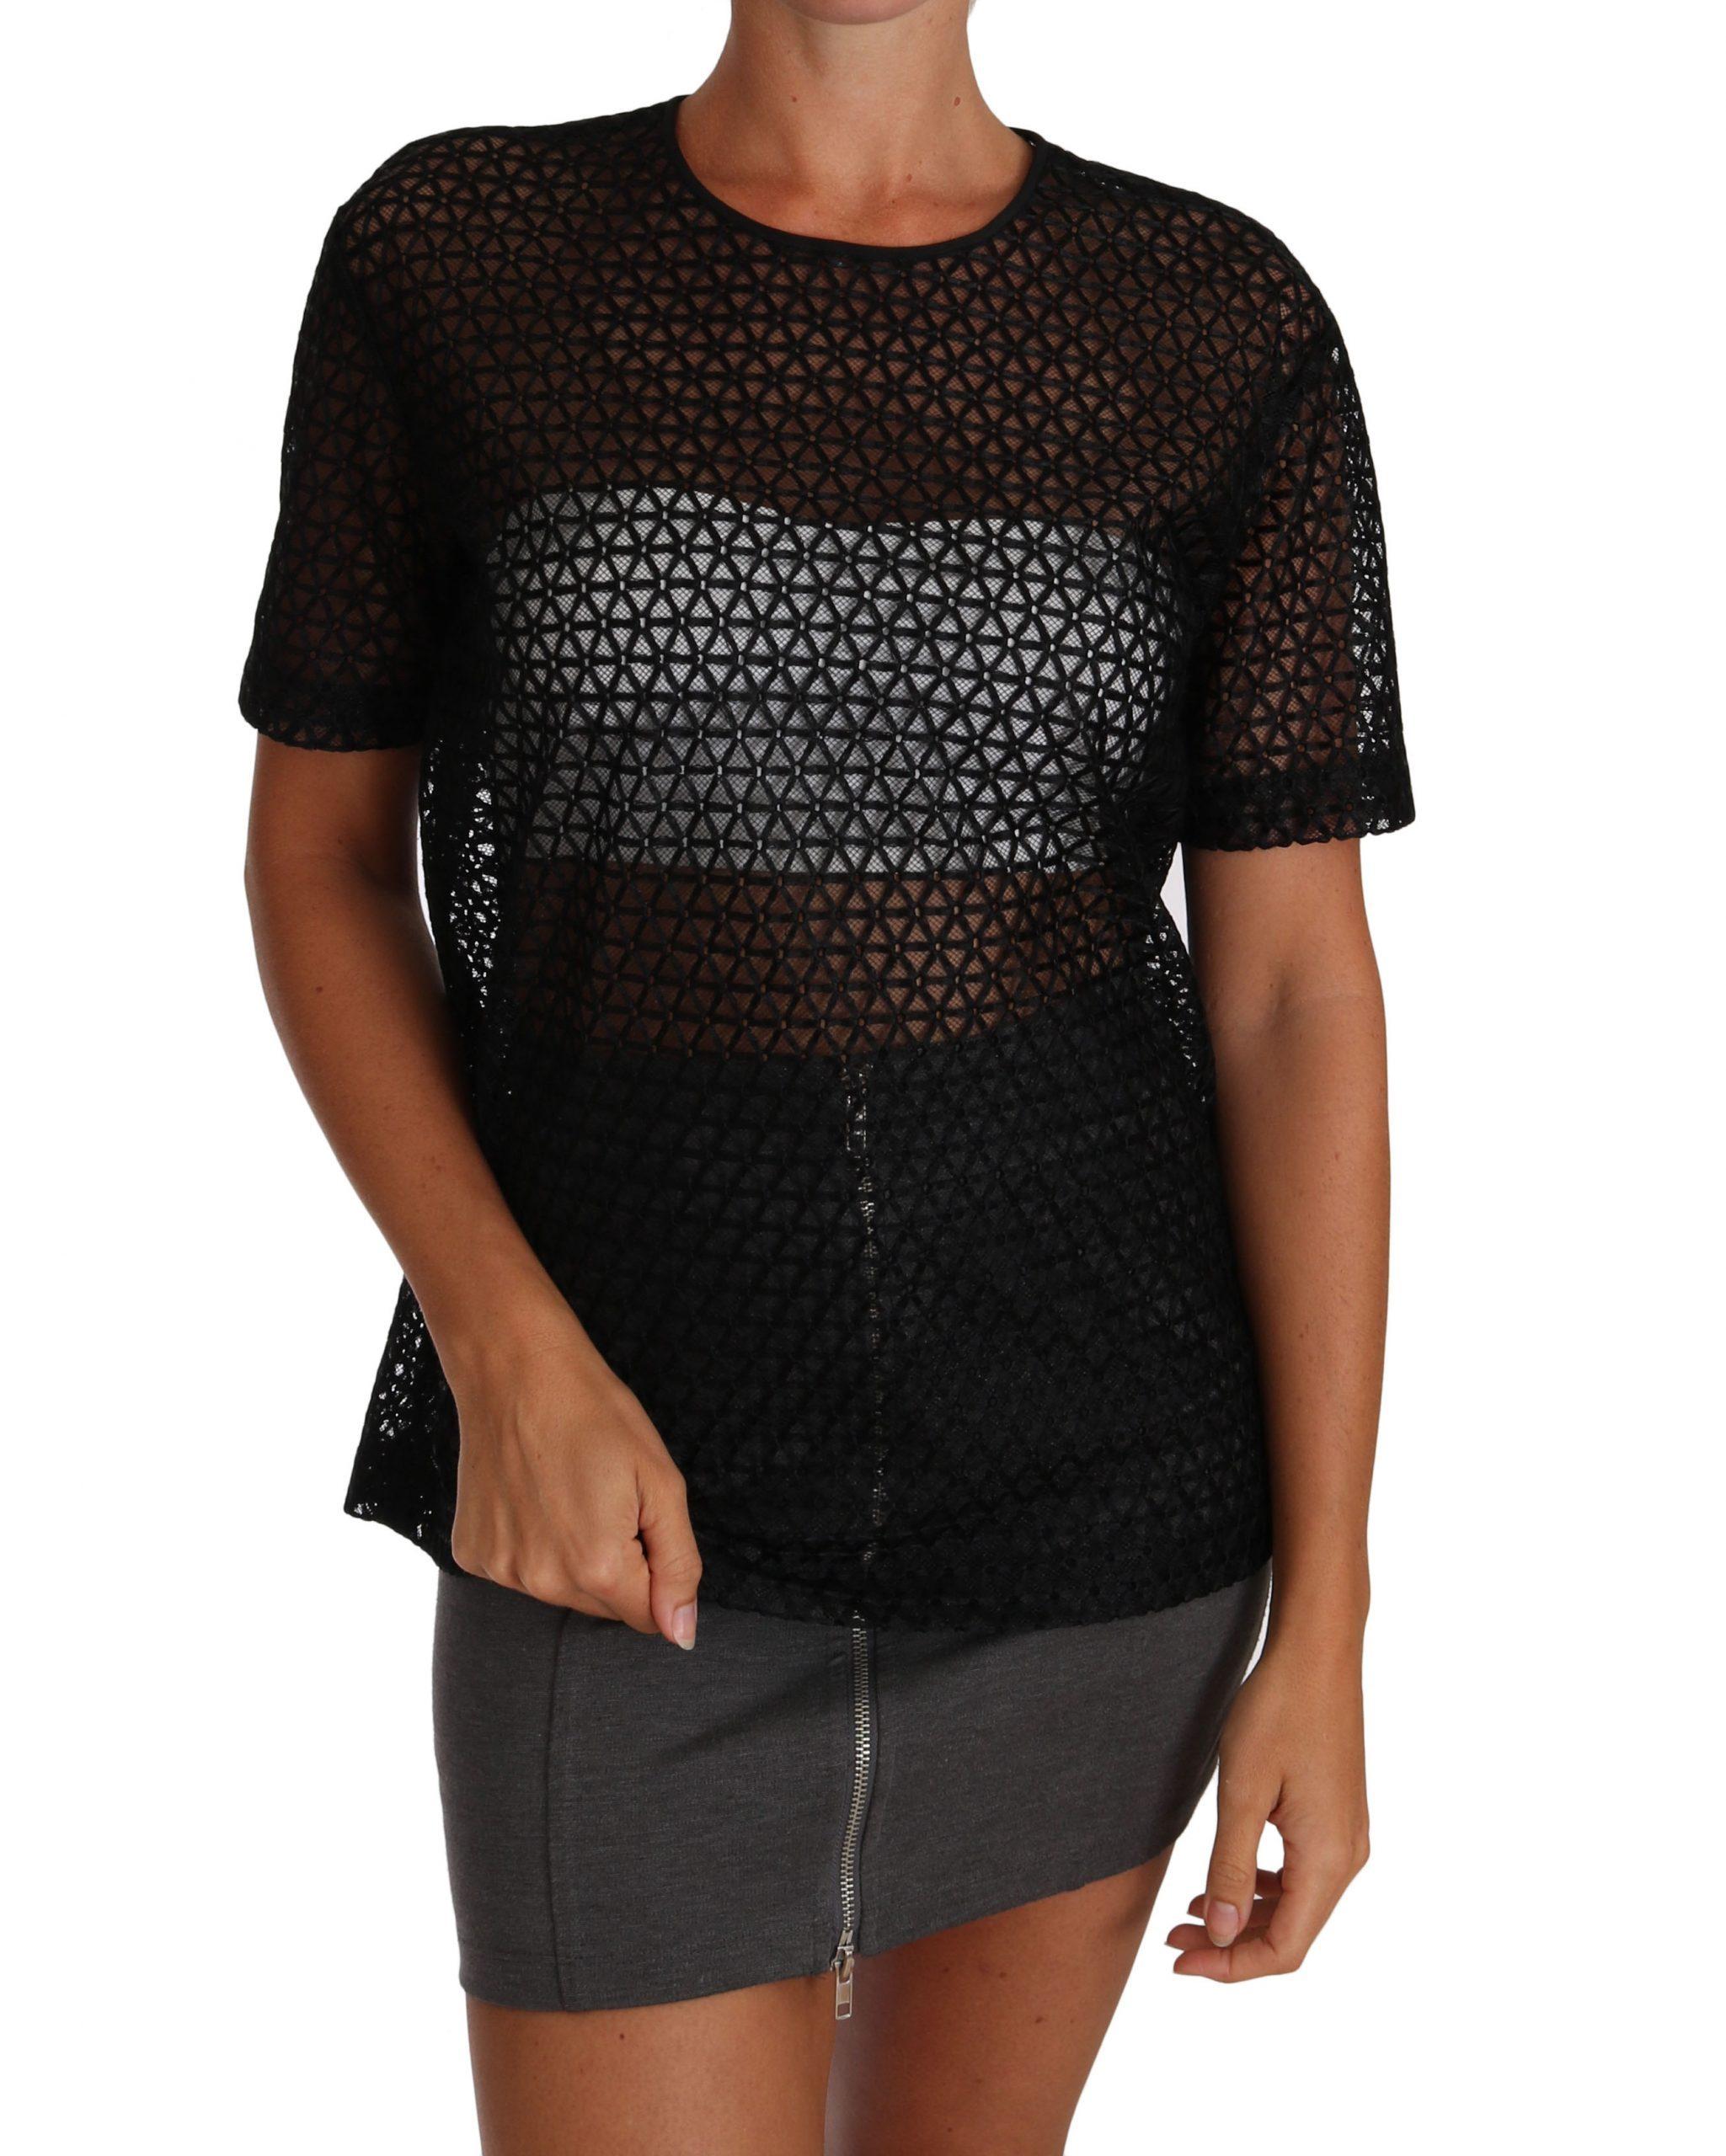 Black Floral Knit Cotton T-shirt - IT40|S